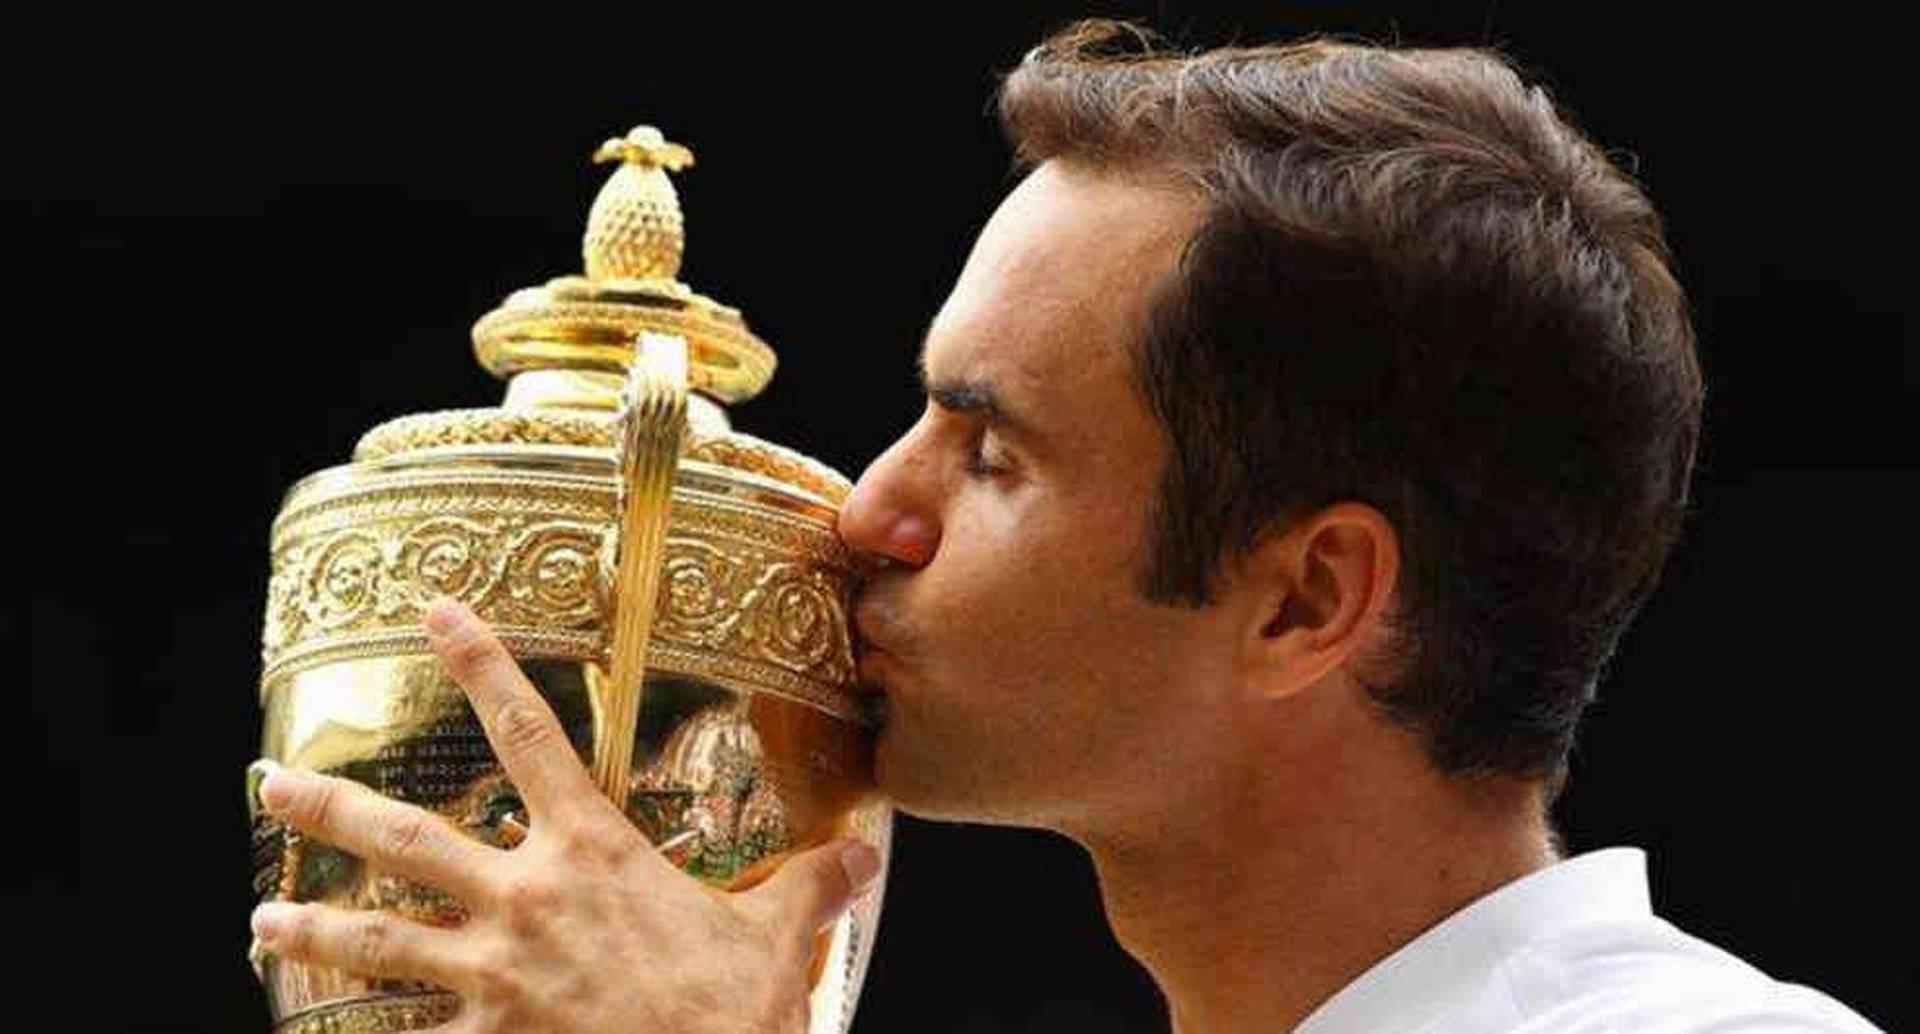 Federer produce admiración y devoción alrededor del mundo. FOTO GETTY IMAGES / BBC